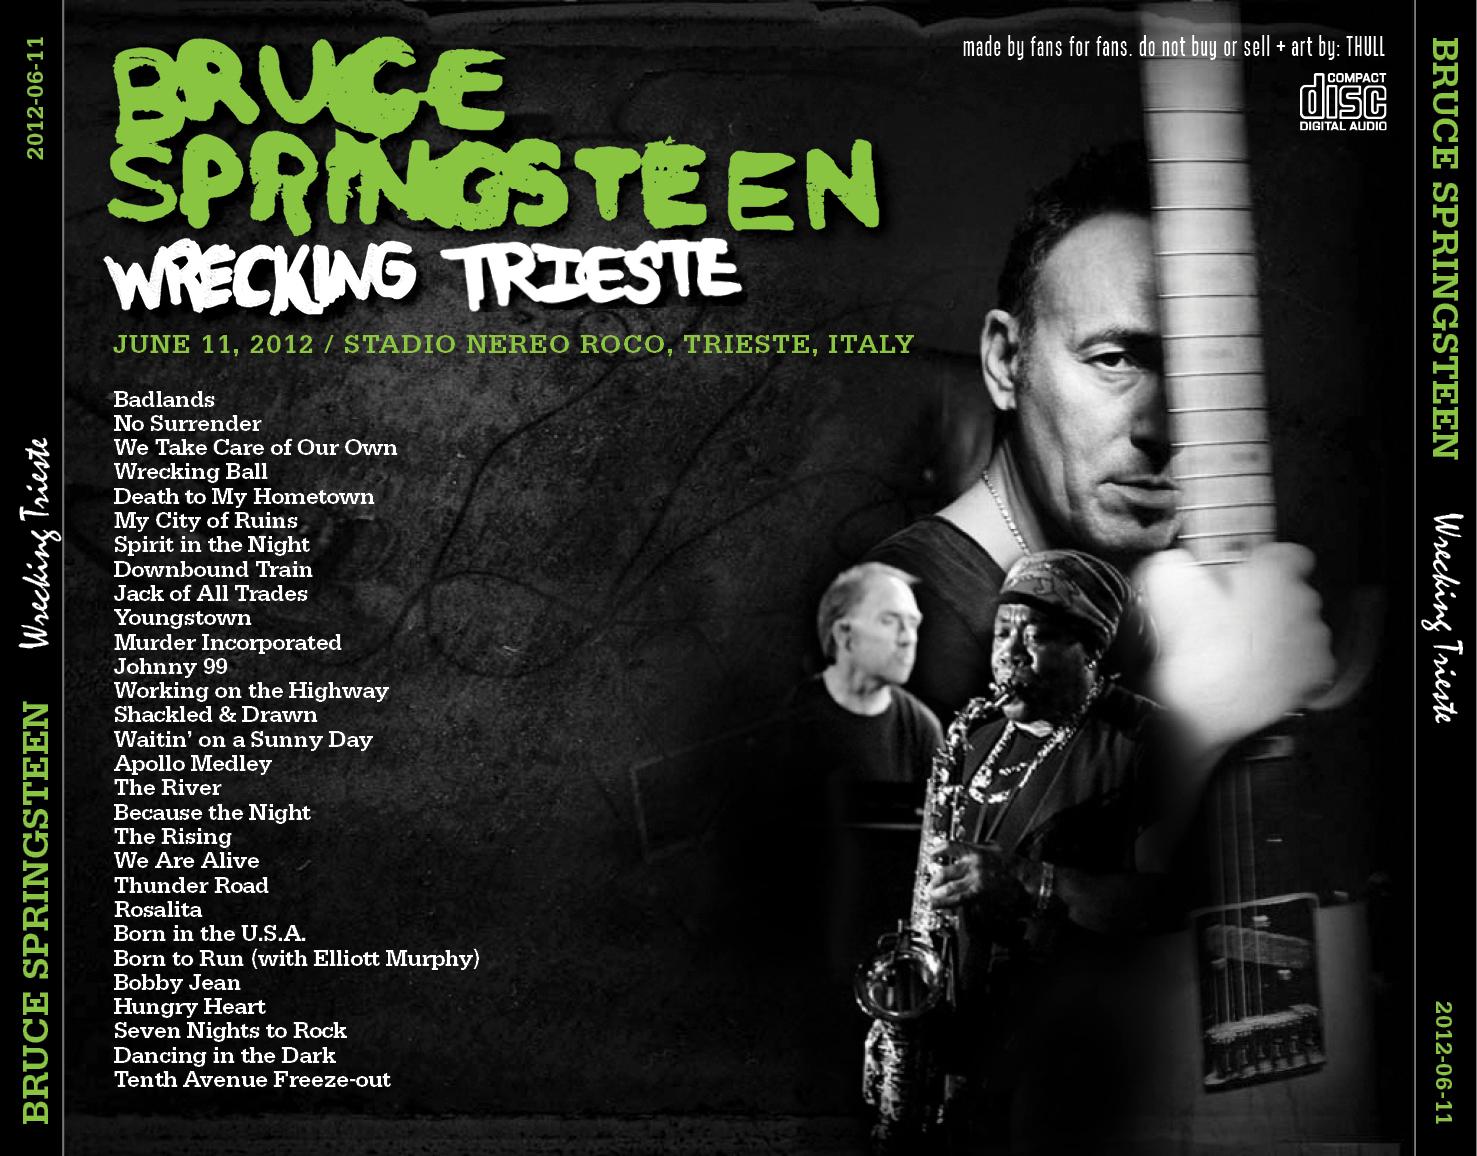 springsteen-trieste-bootleg